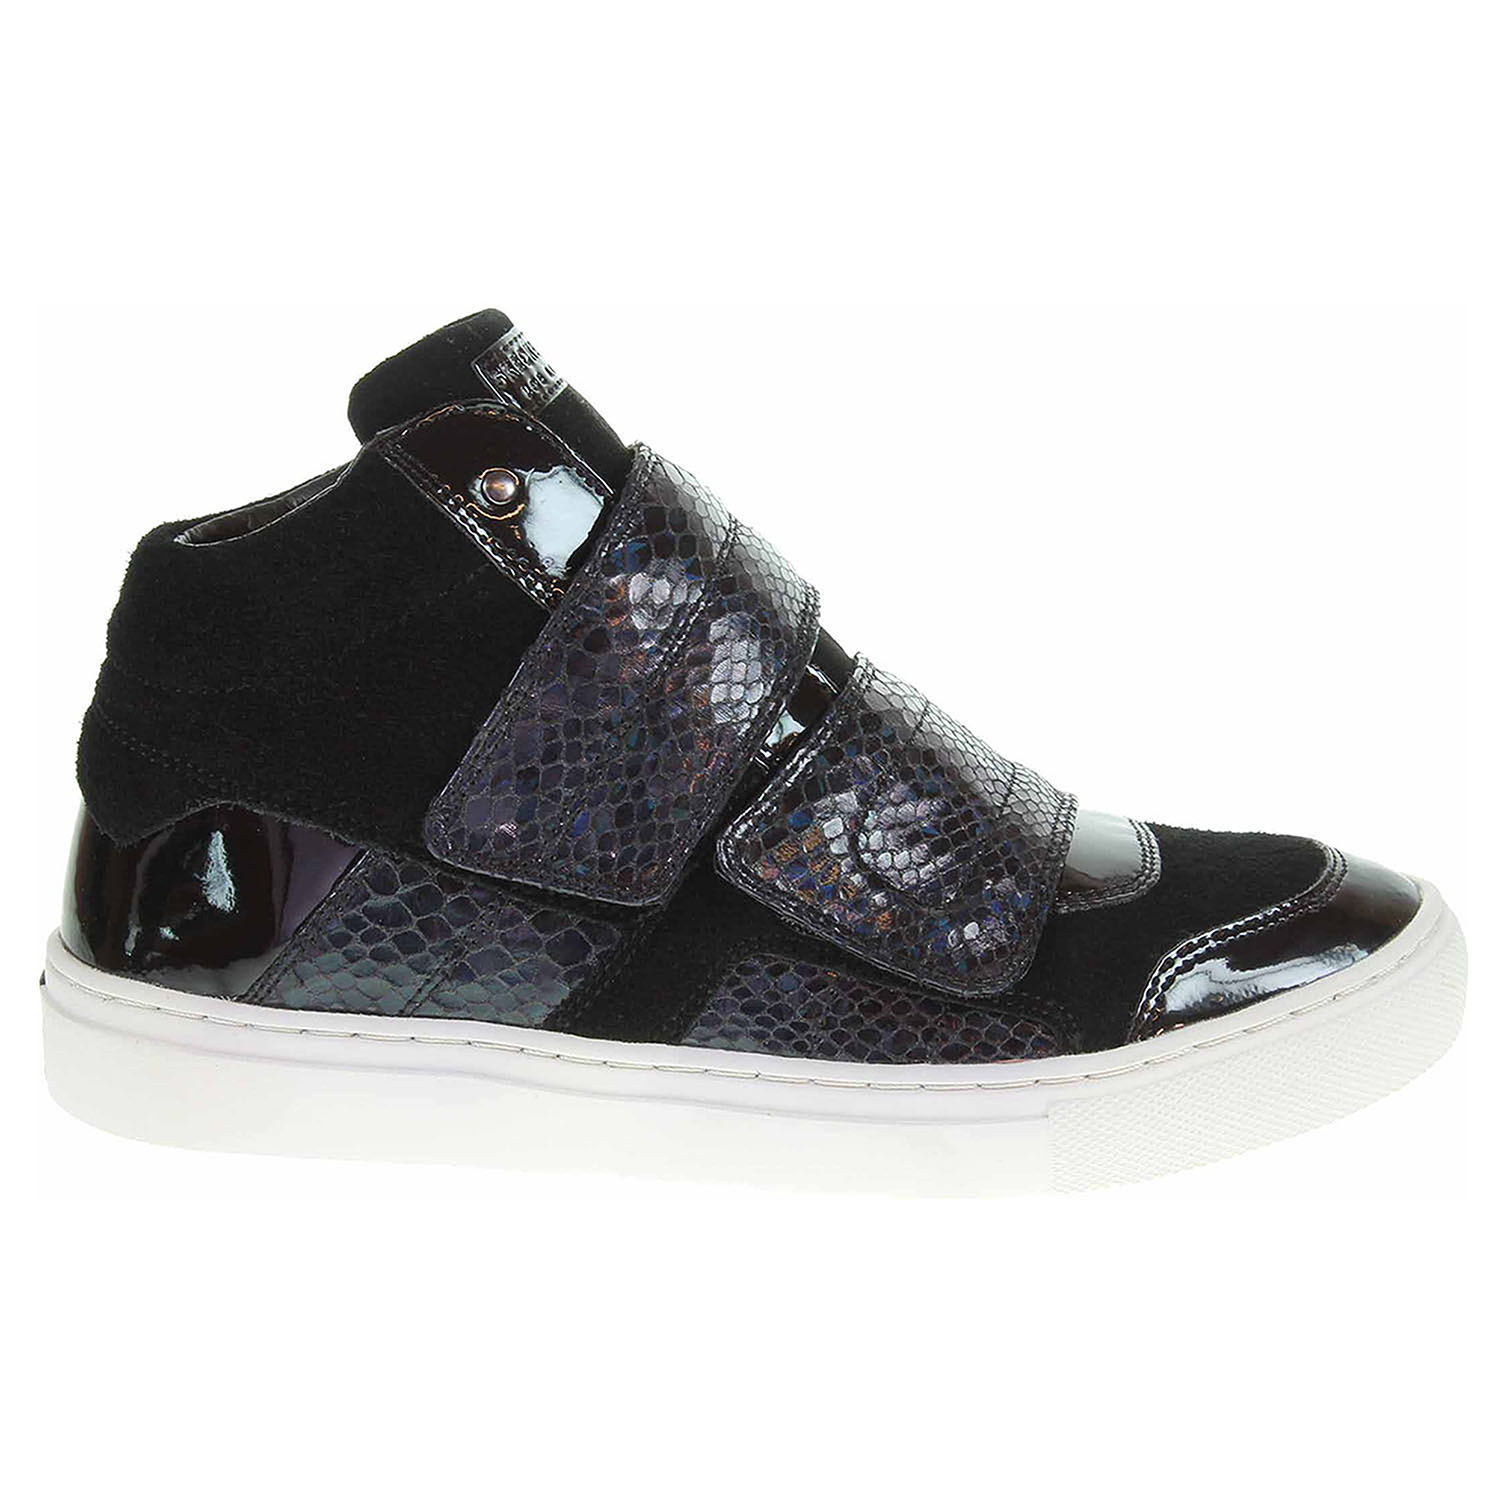 Skechers Side Street - Rocksteady black 73575 BLK 39